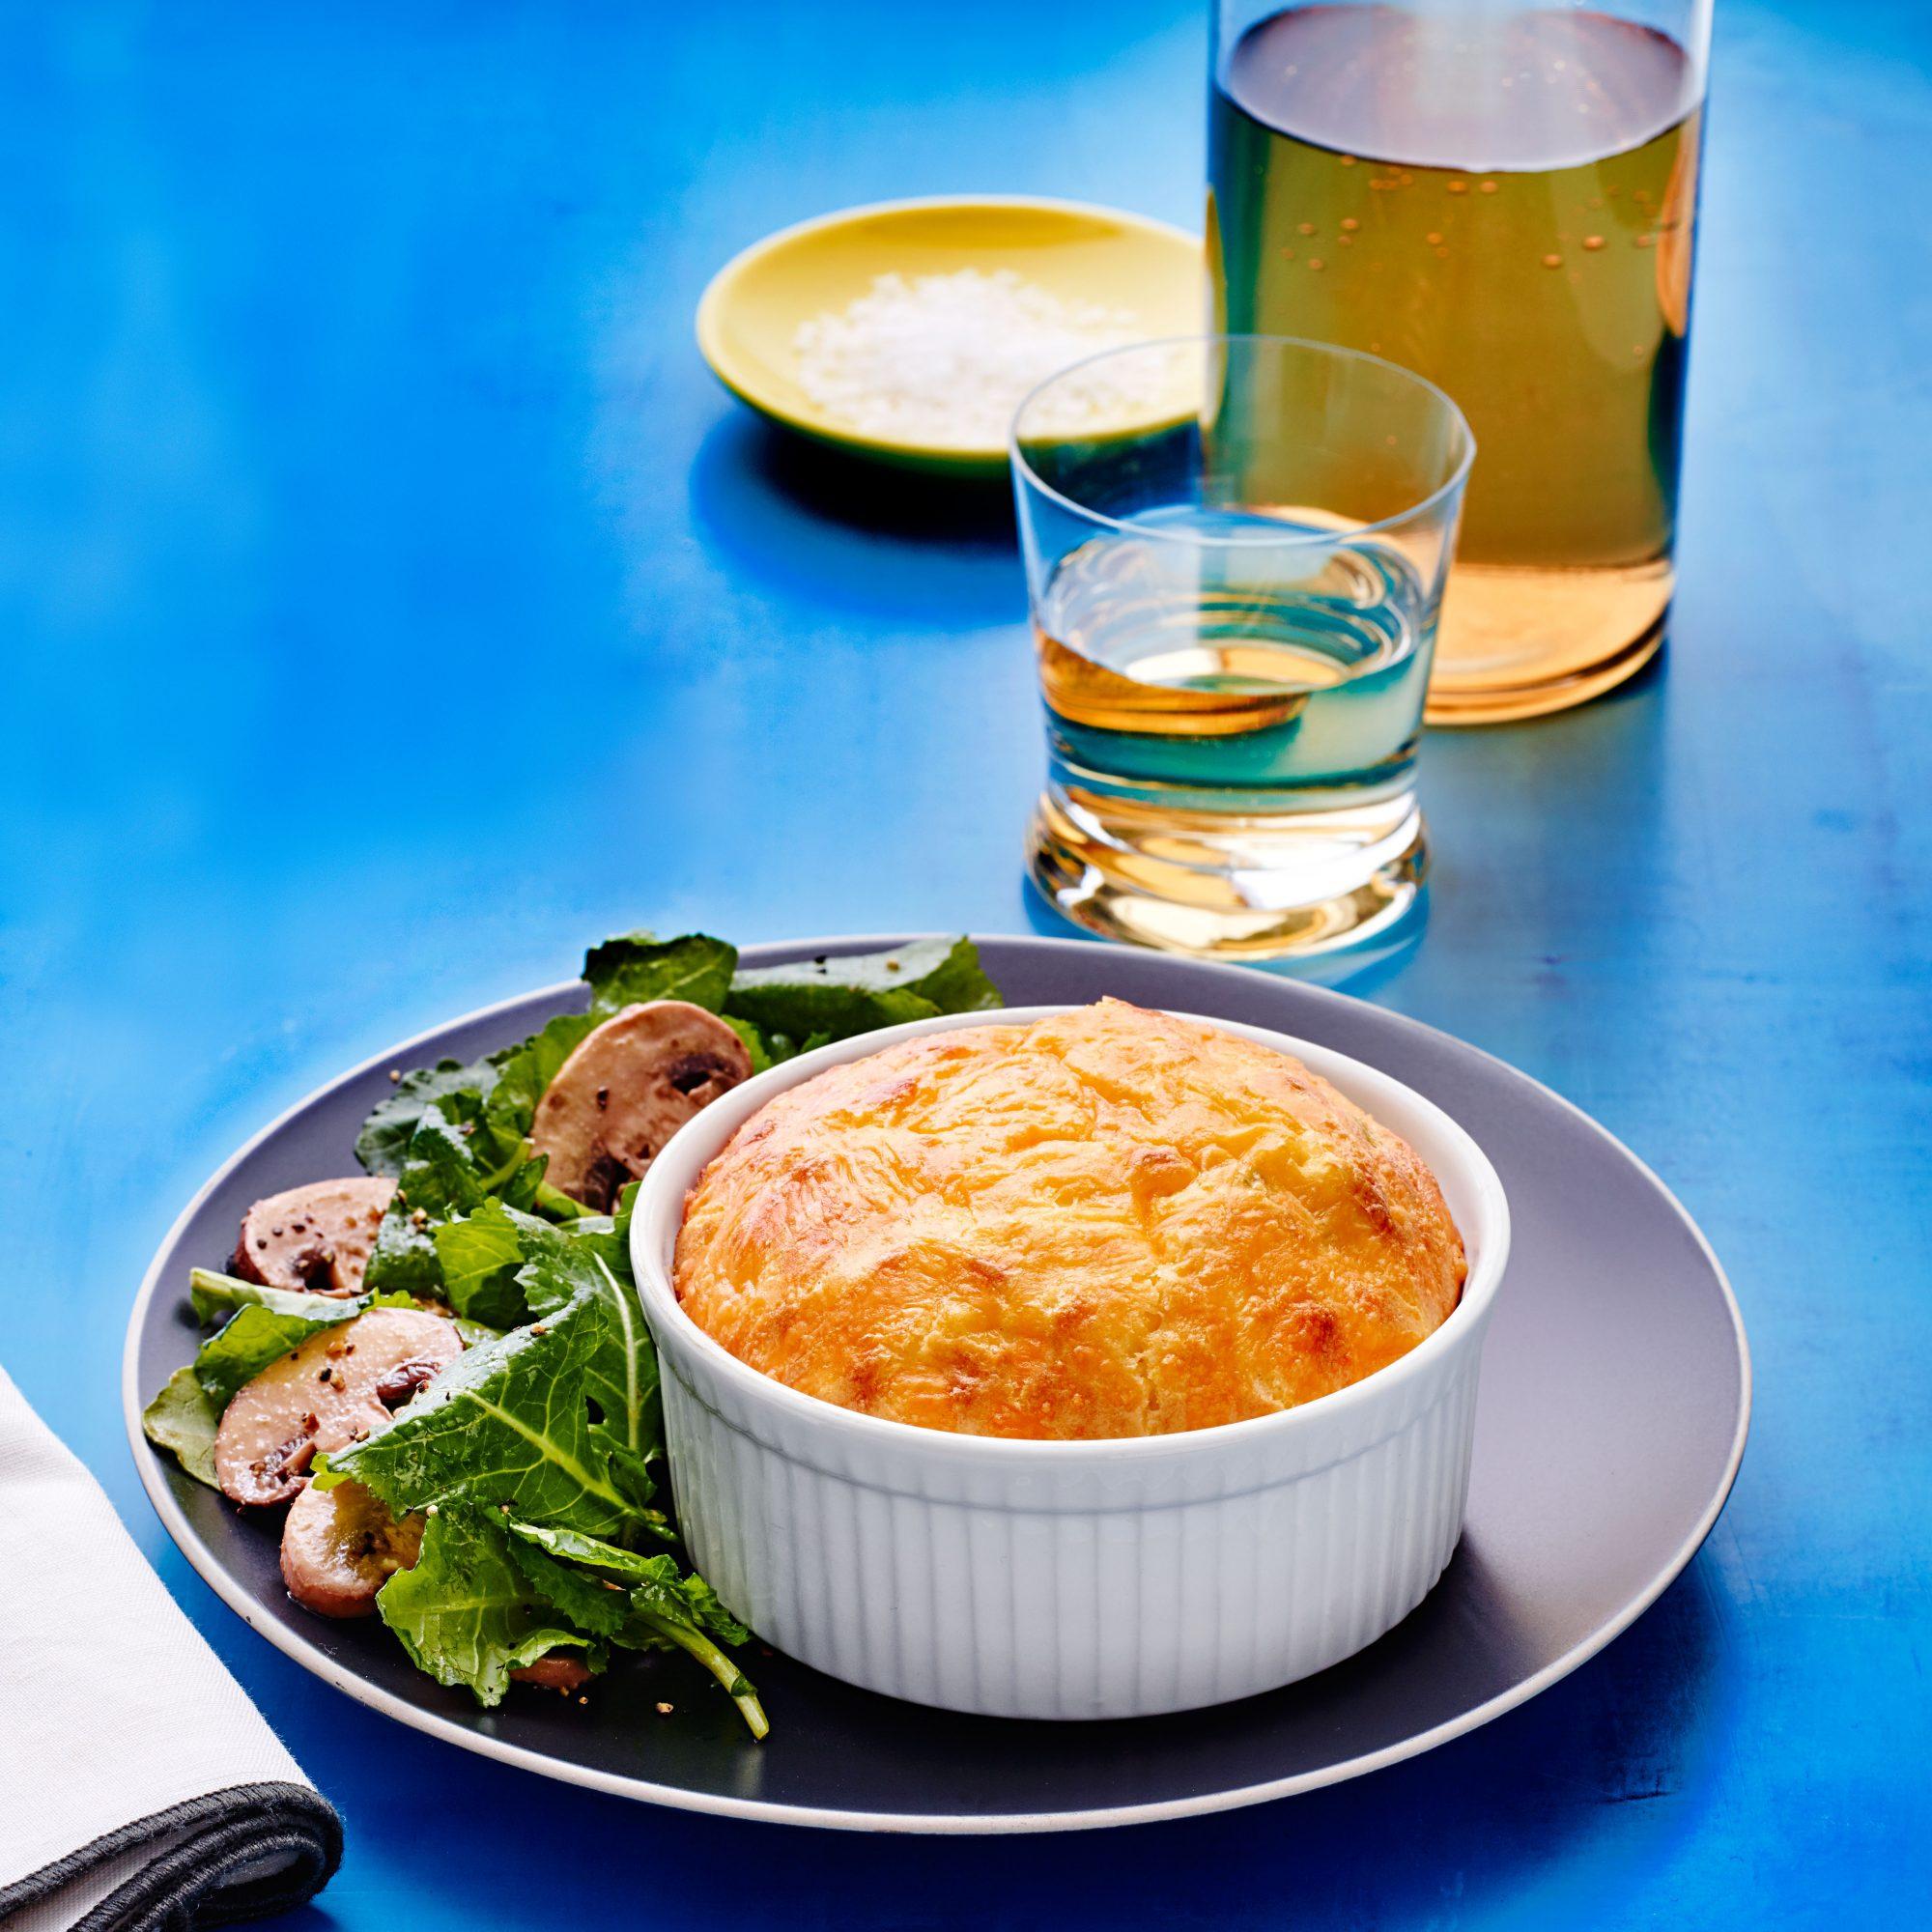 Corn & Cheddar Souffles with Kale & Mushroom Salad